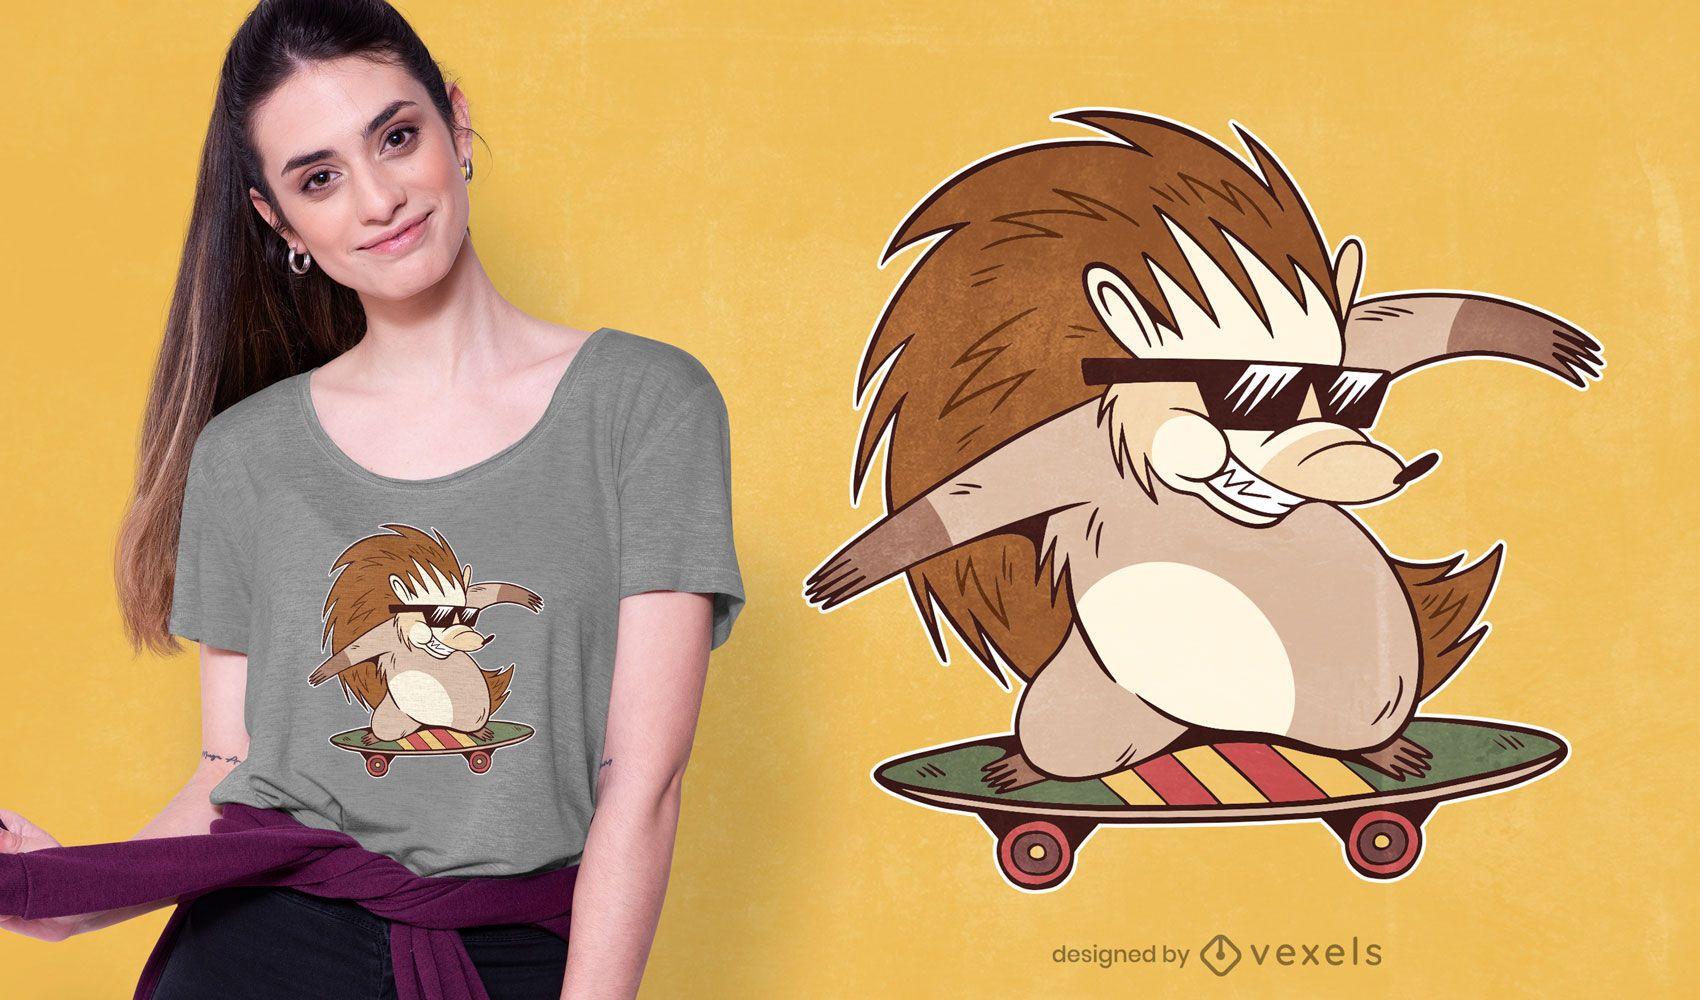 Skater hedgehog t-shirt design